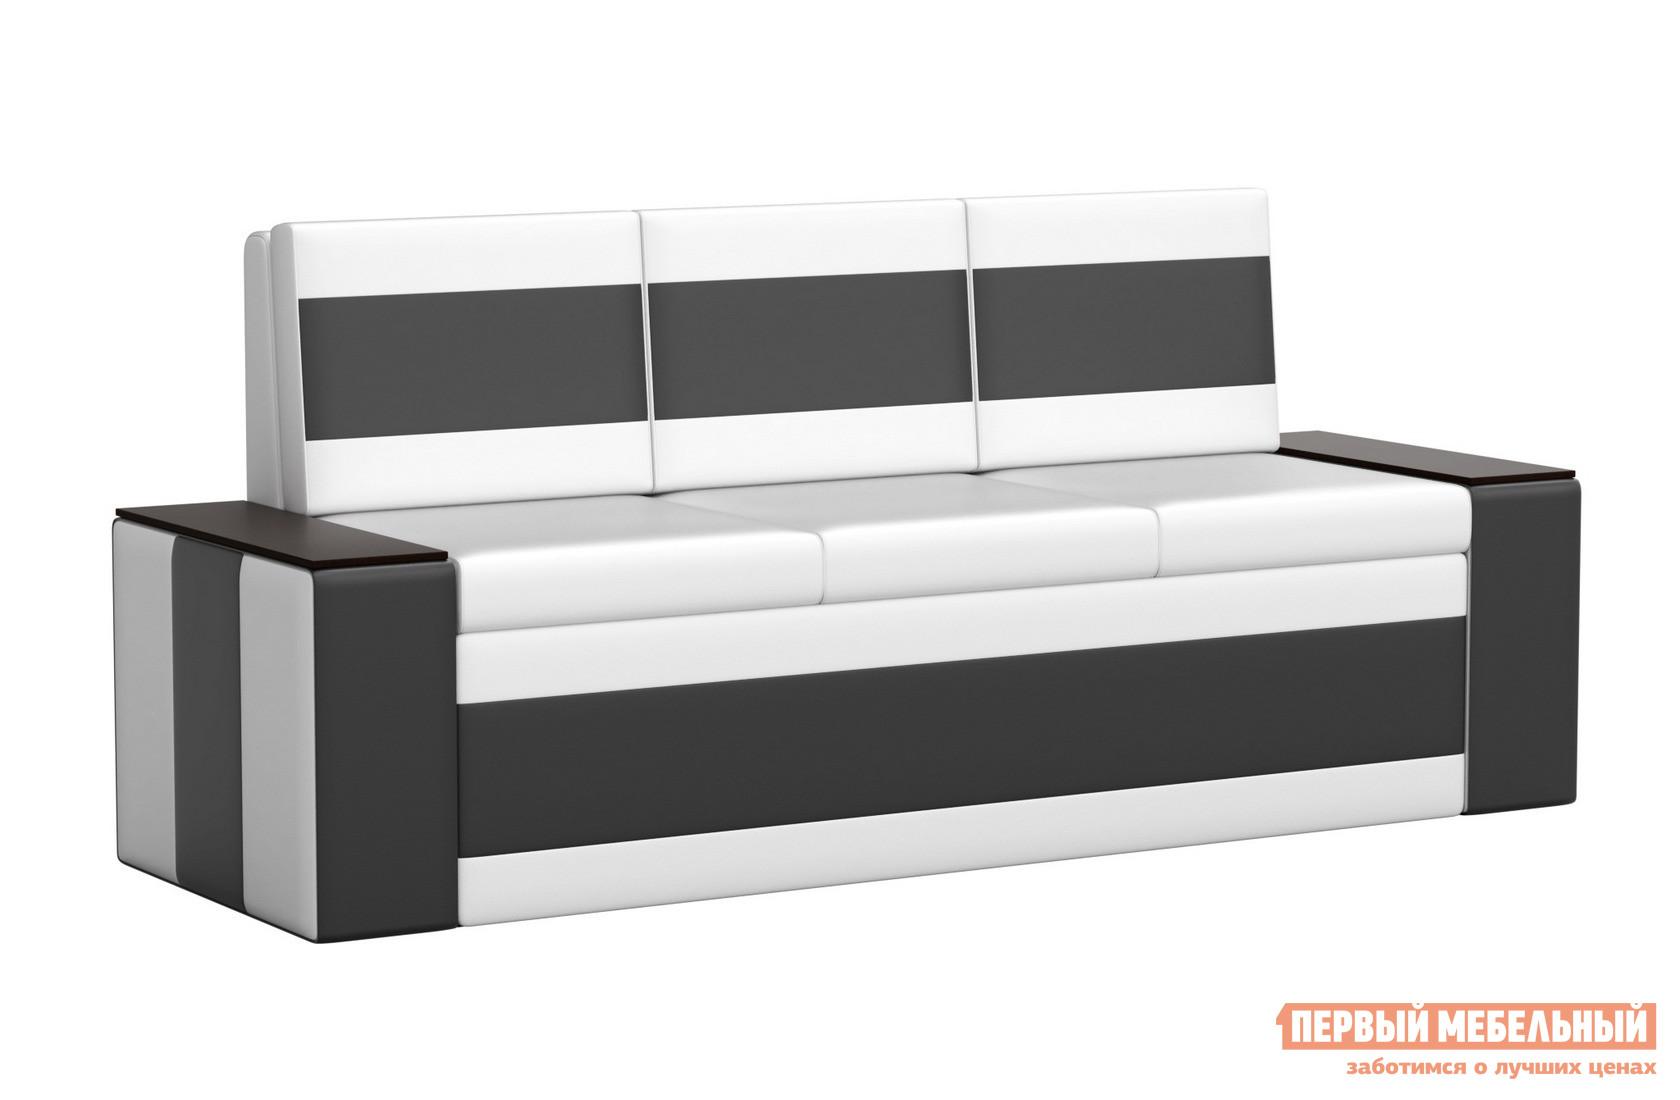 Кухонный диван  Кухонный диван Лина эко-кожа Экокожа бело-черный